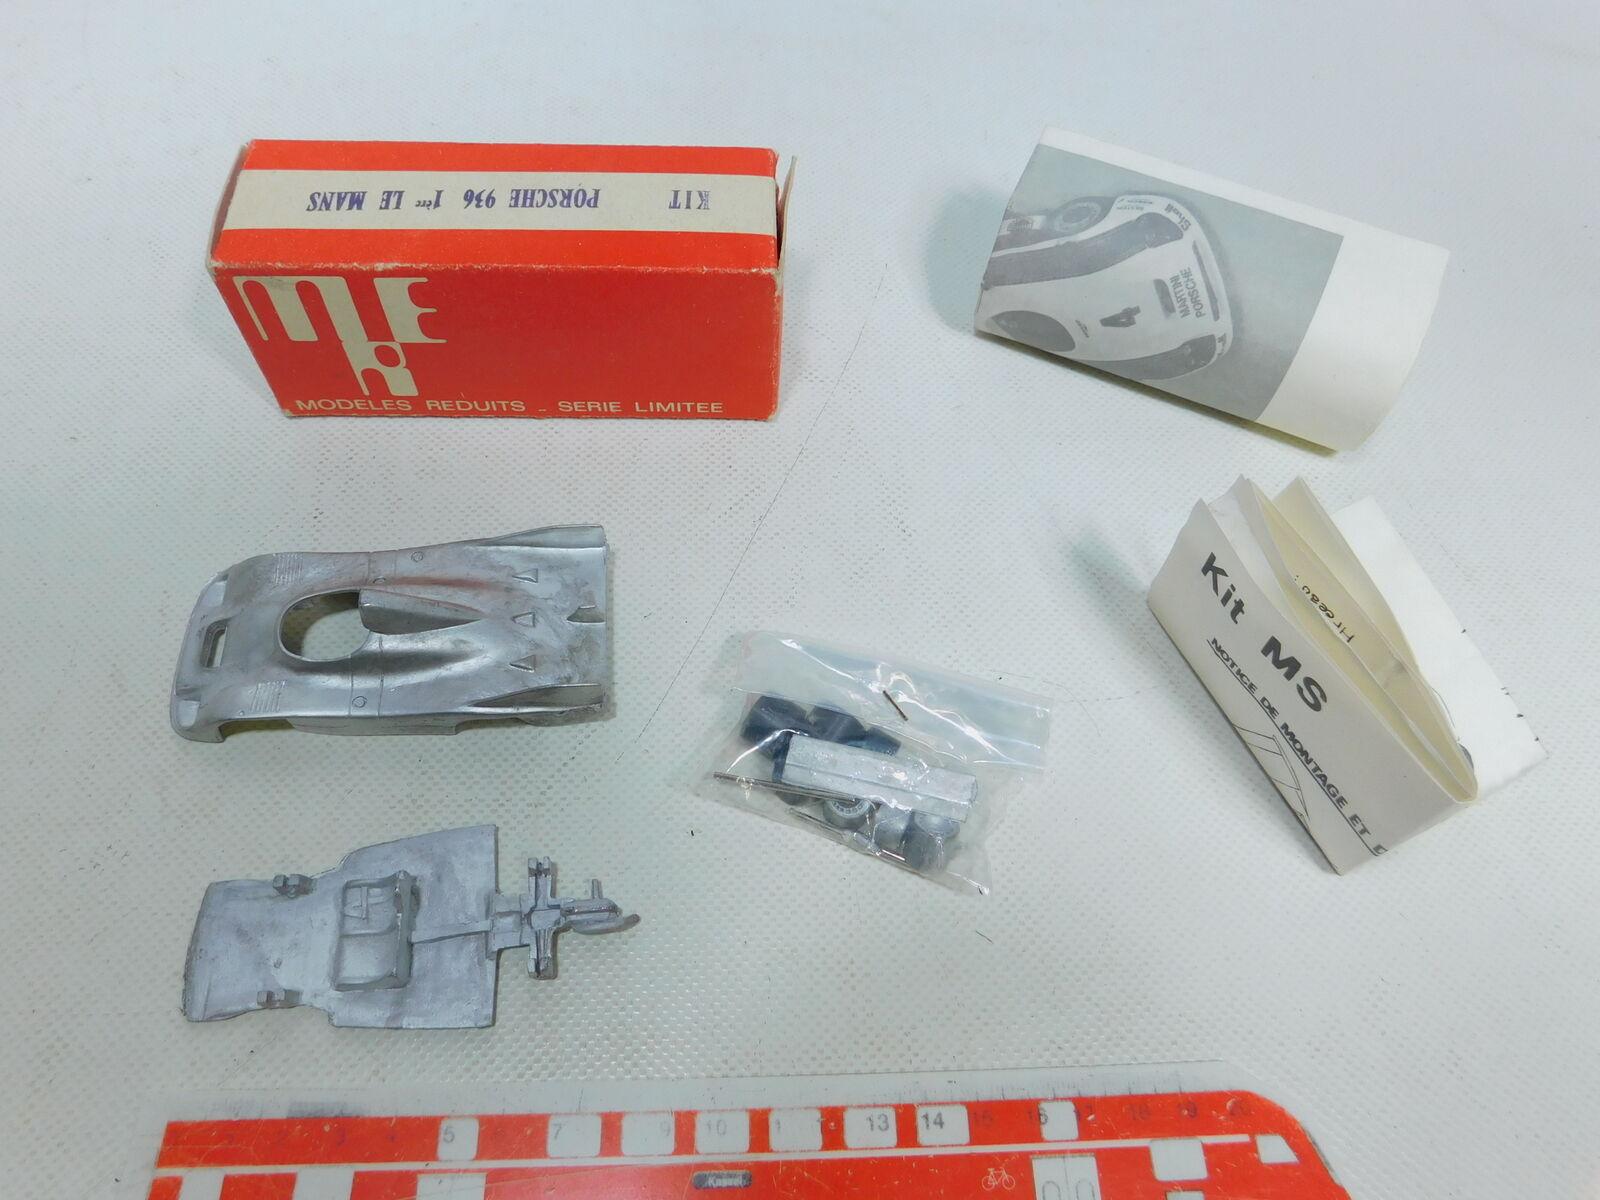 Bx776-0, 5 Mre 1 43 Kit Porsche 936 le Mans 77 1977 Unbuilt, Very Good +Box